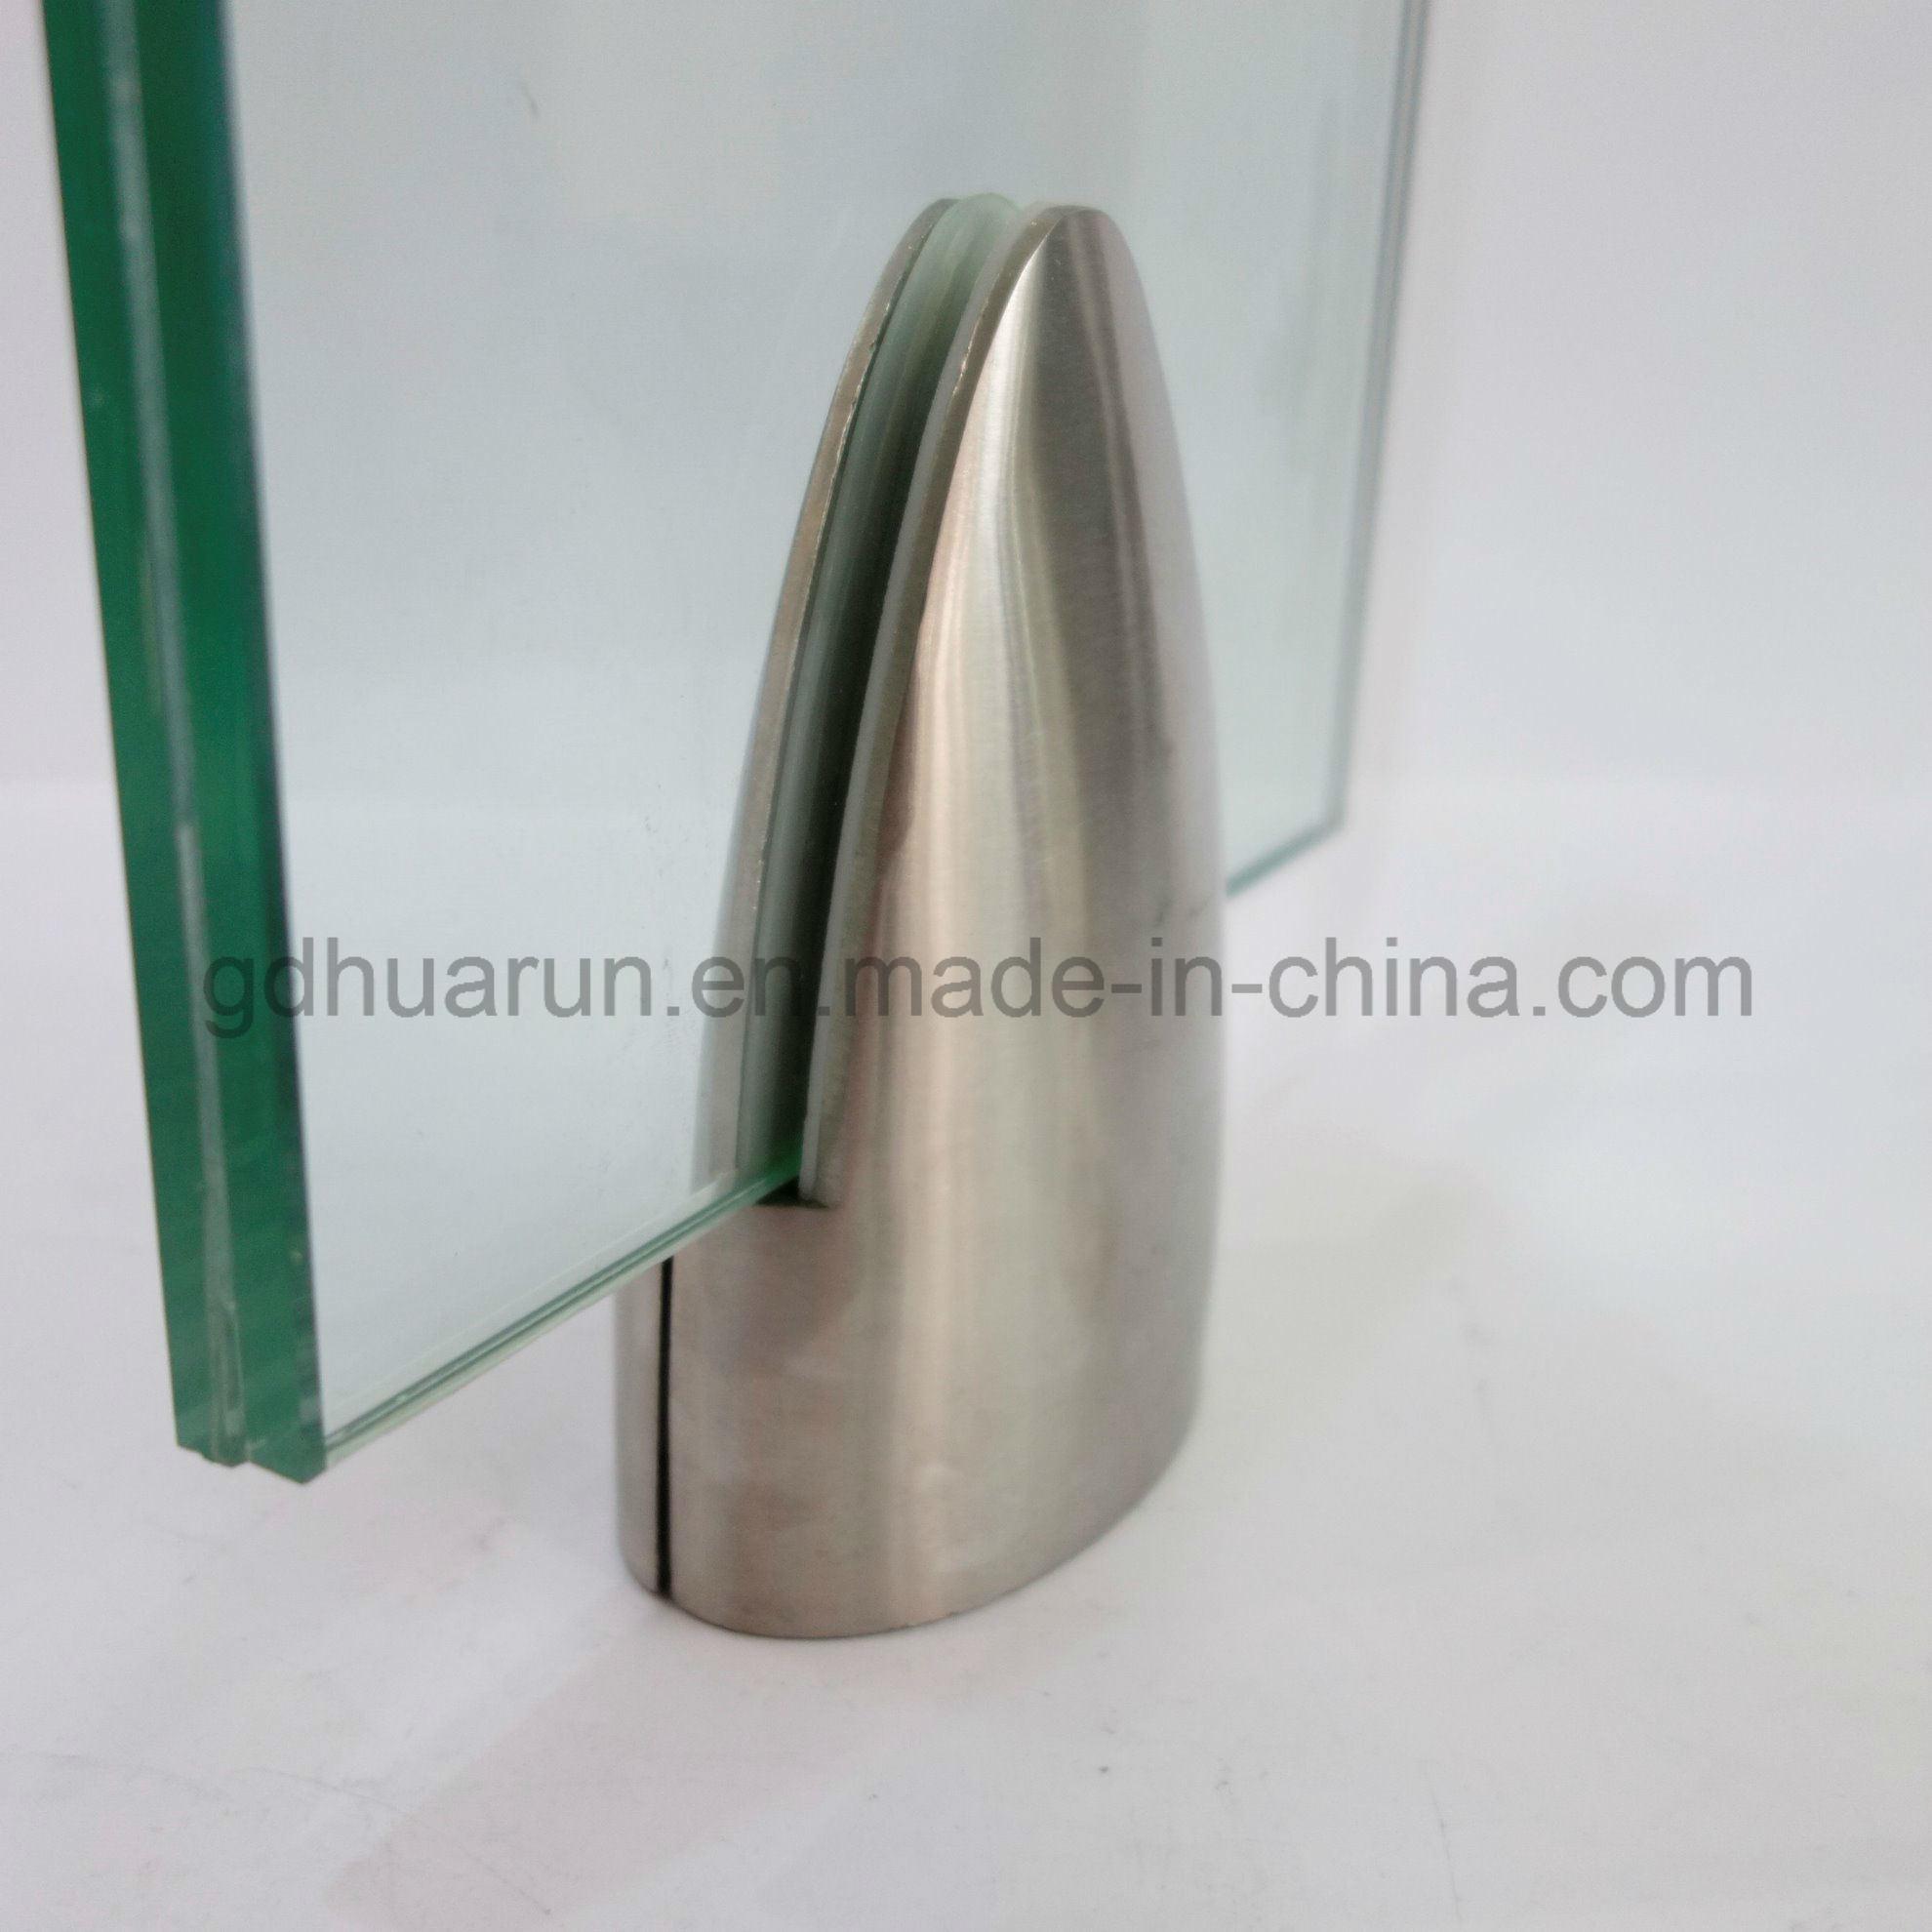 Oval Floor Mounting Base Glass Spigot/Clamp(HR1300V-14)